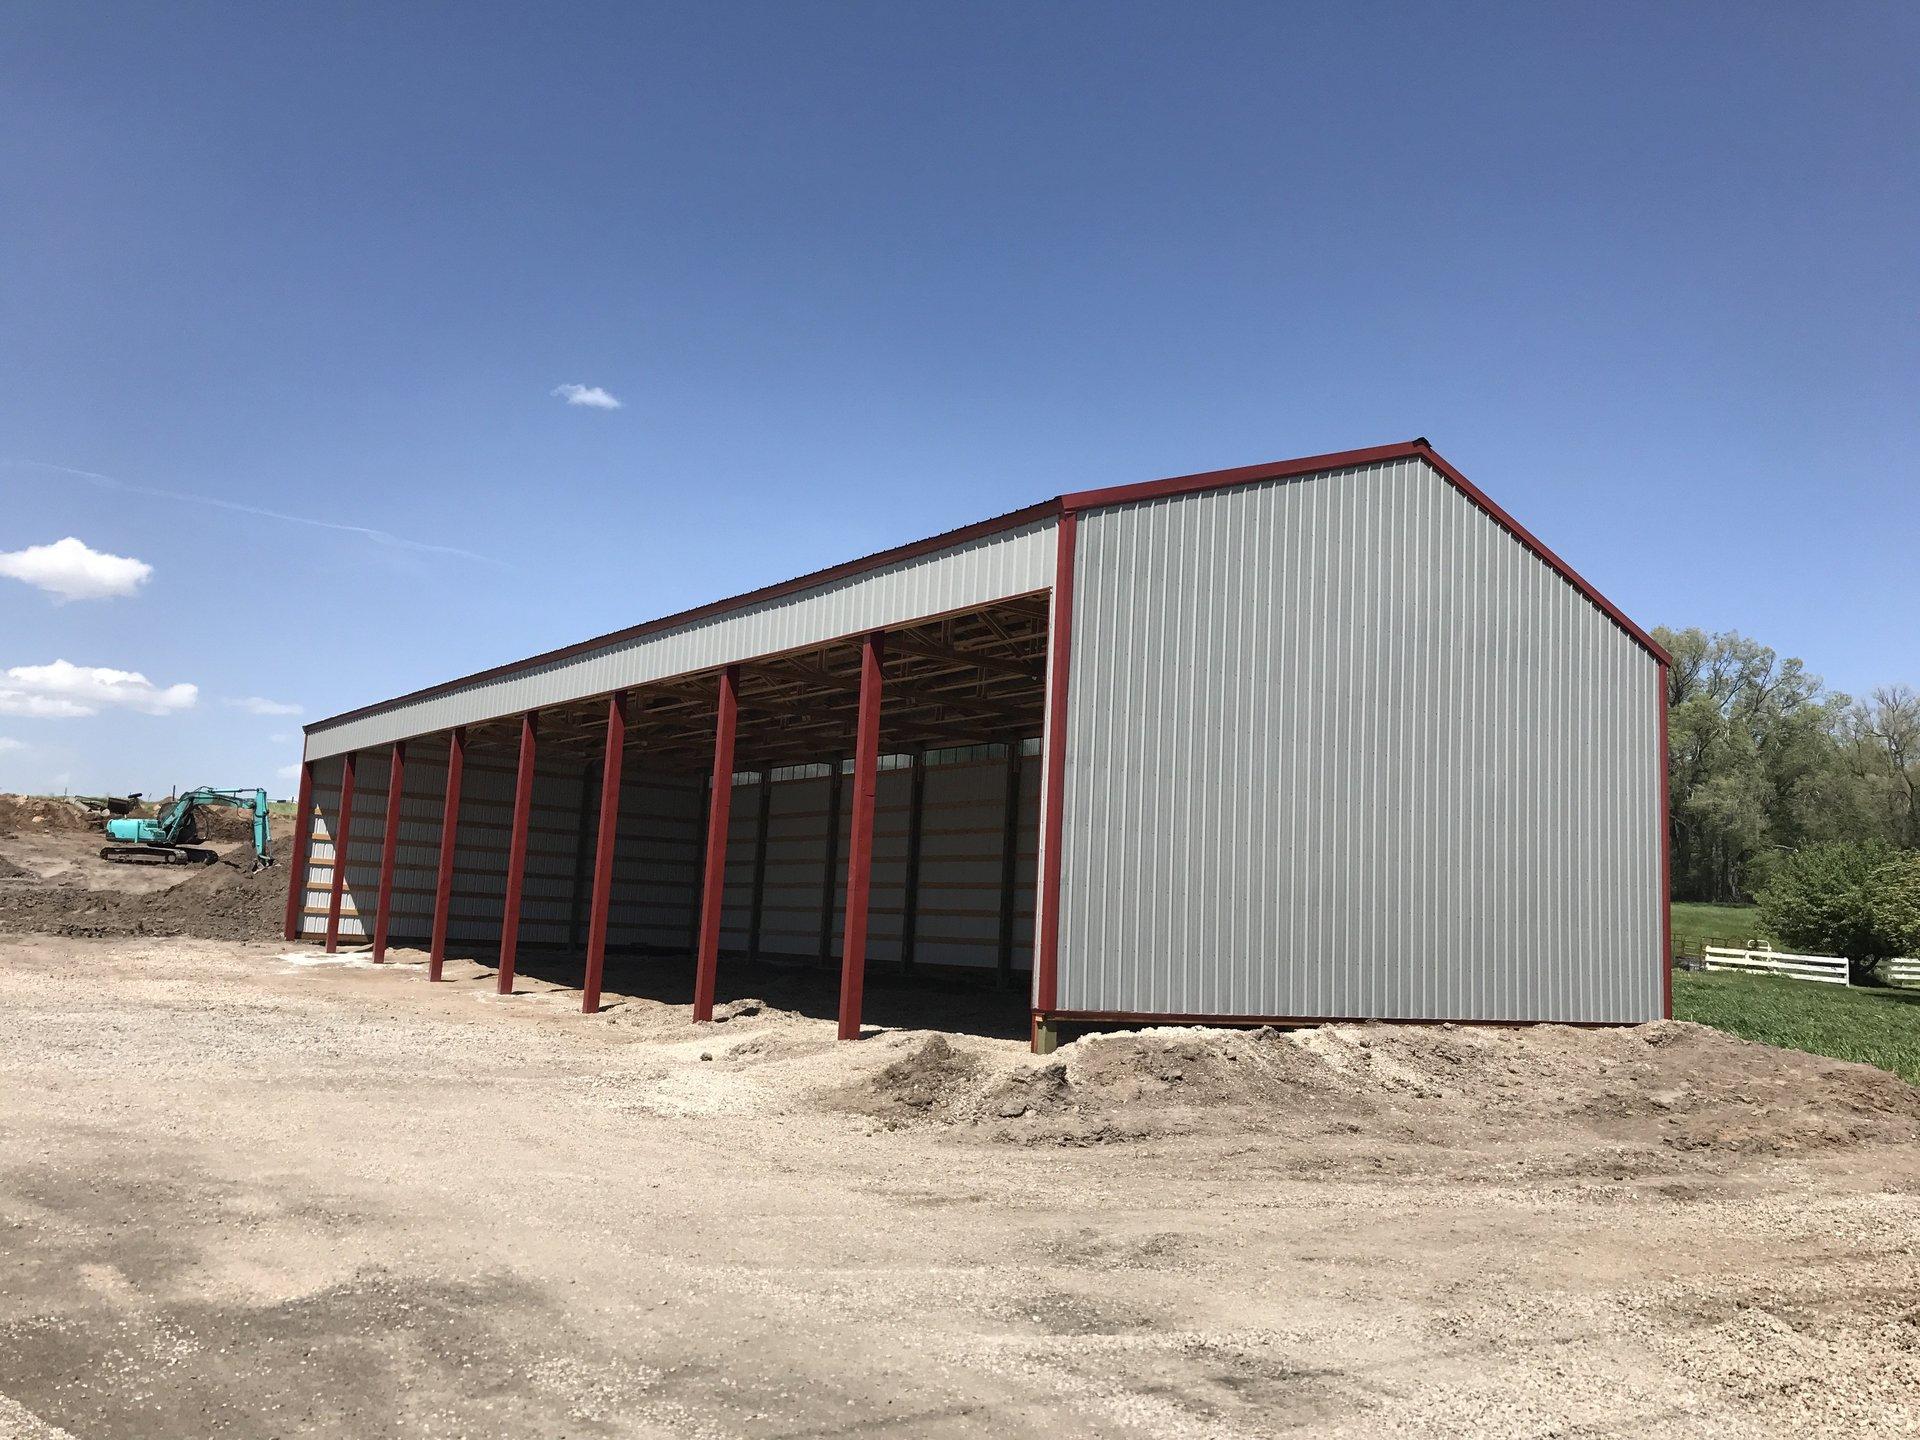 Beehive Buildings Blog | Layton, UT